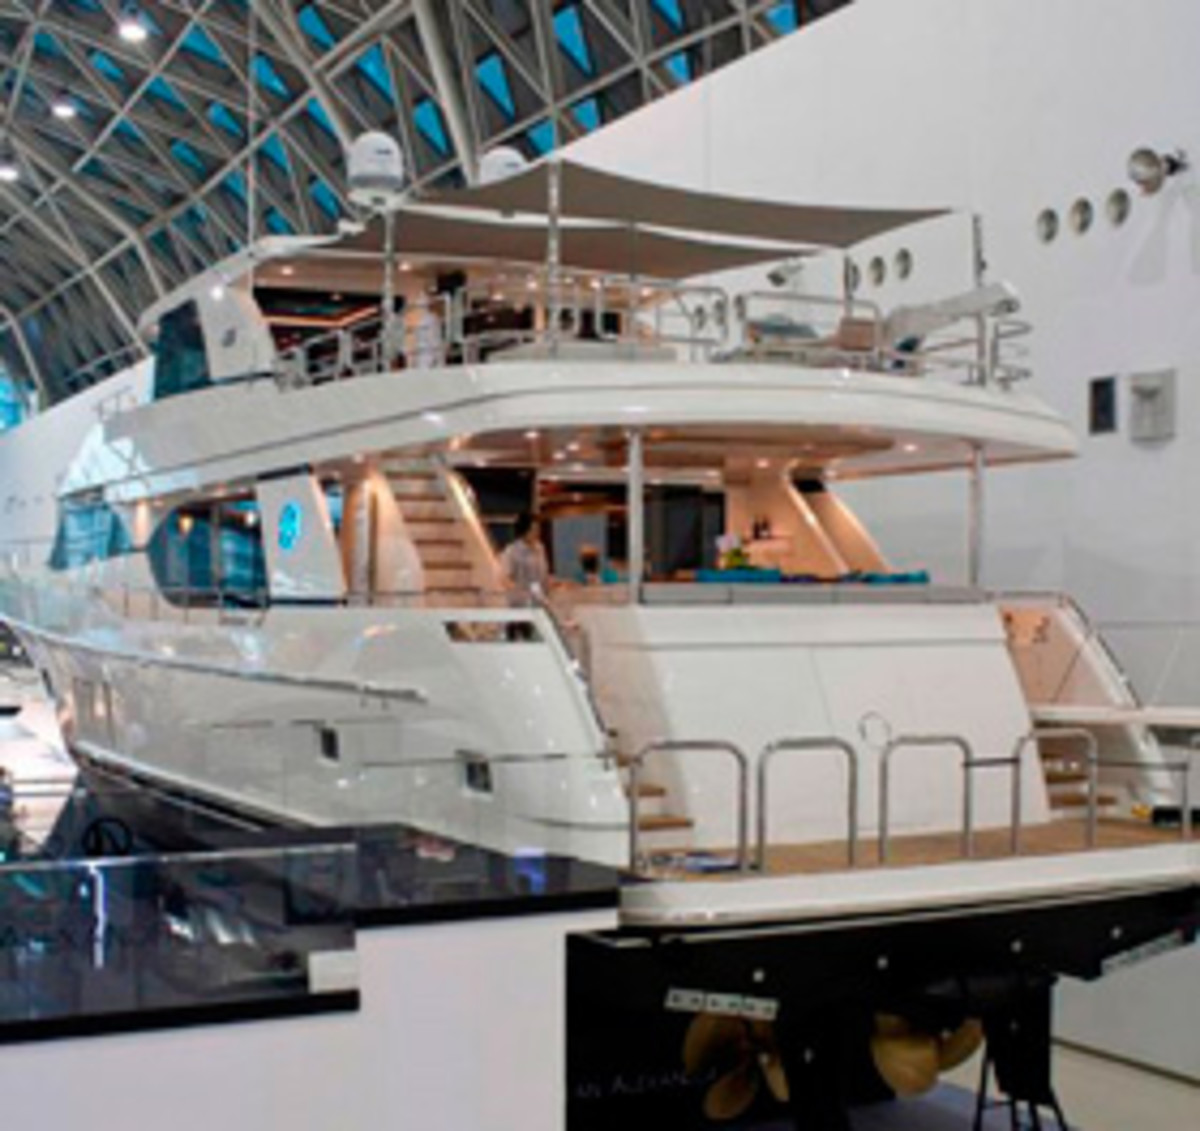 Ocean Alexander 100